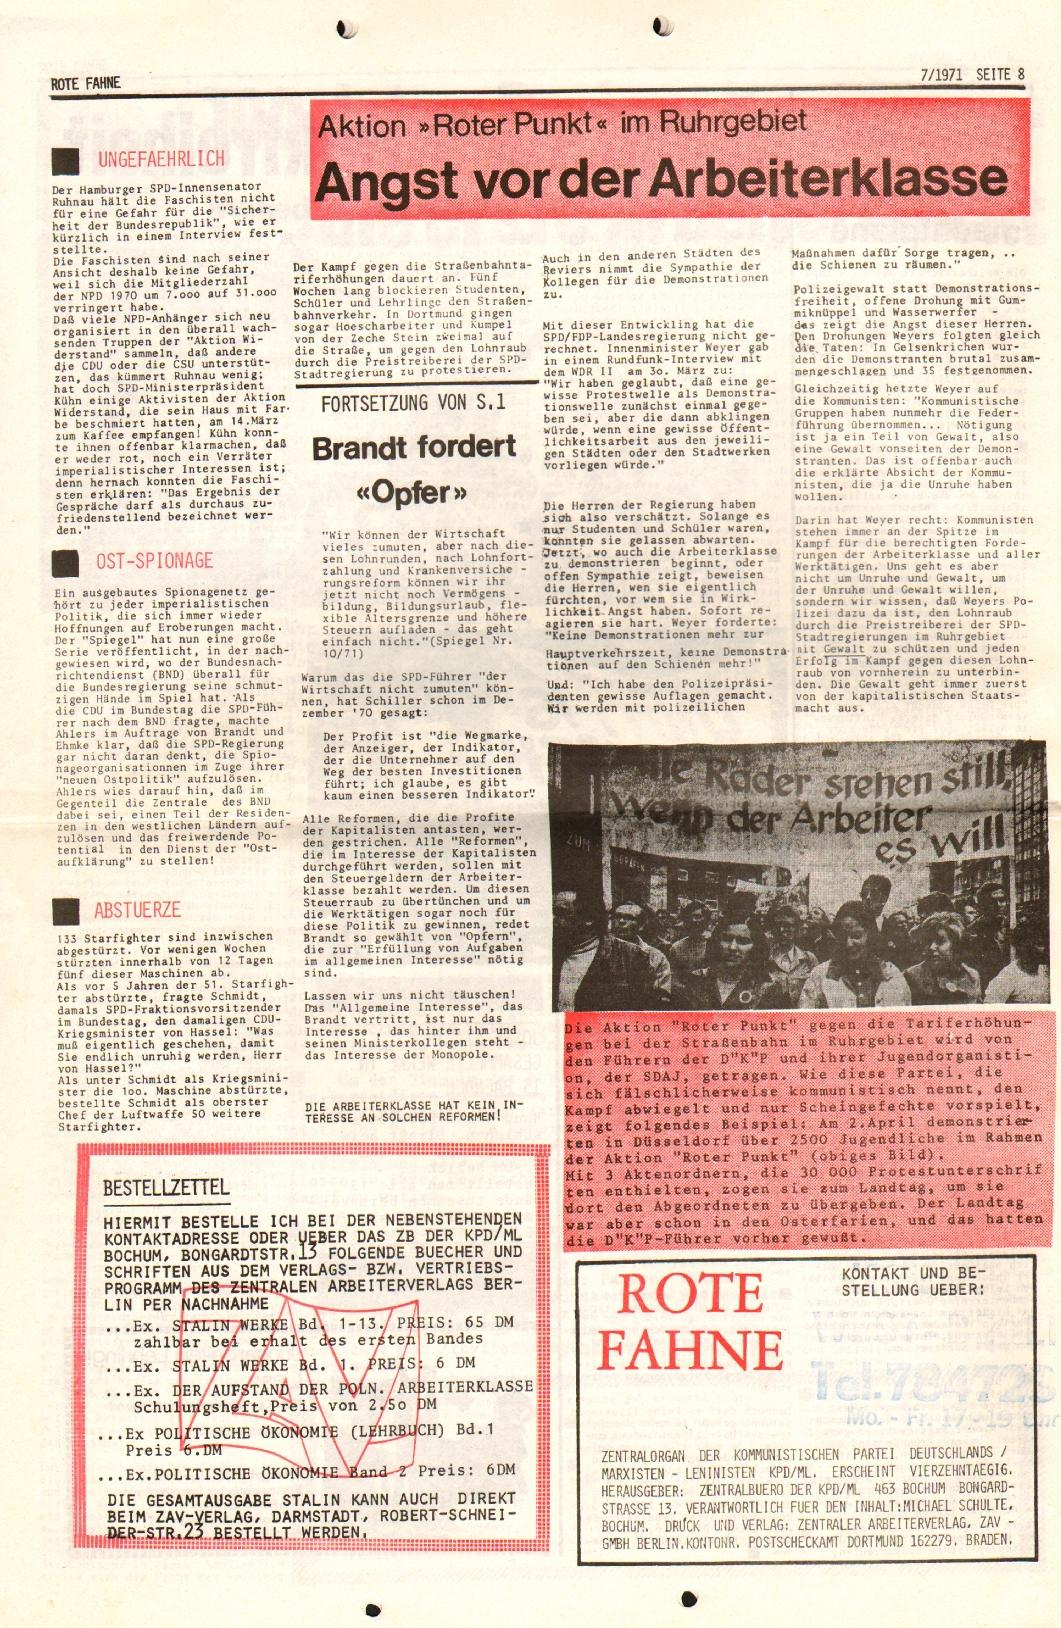 Rote Fahne, 2. Jg., 12.4.1971, Nr. 7, Seite 8